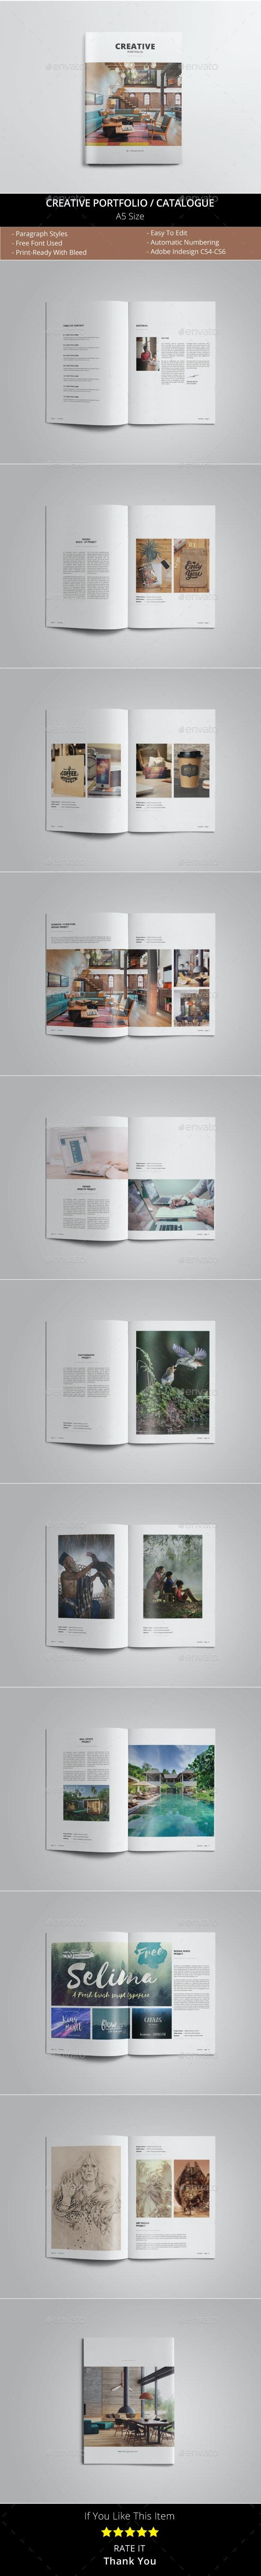 A5 Creative Portfolio / Catalogue Template - Portfolio Brochures